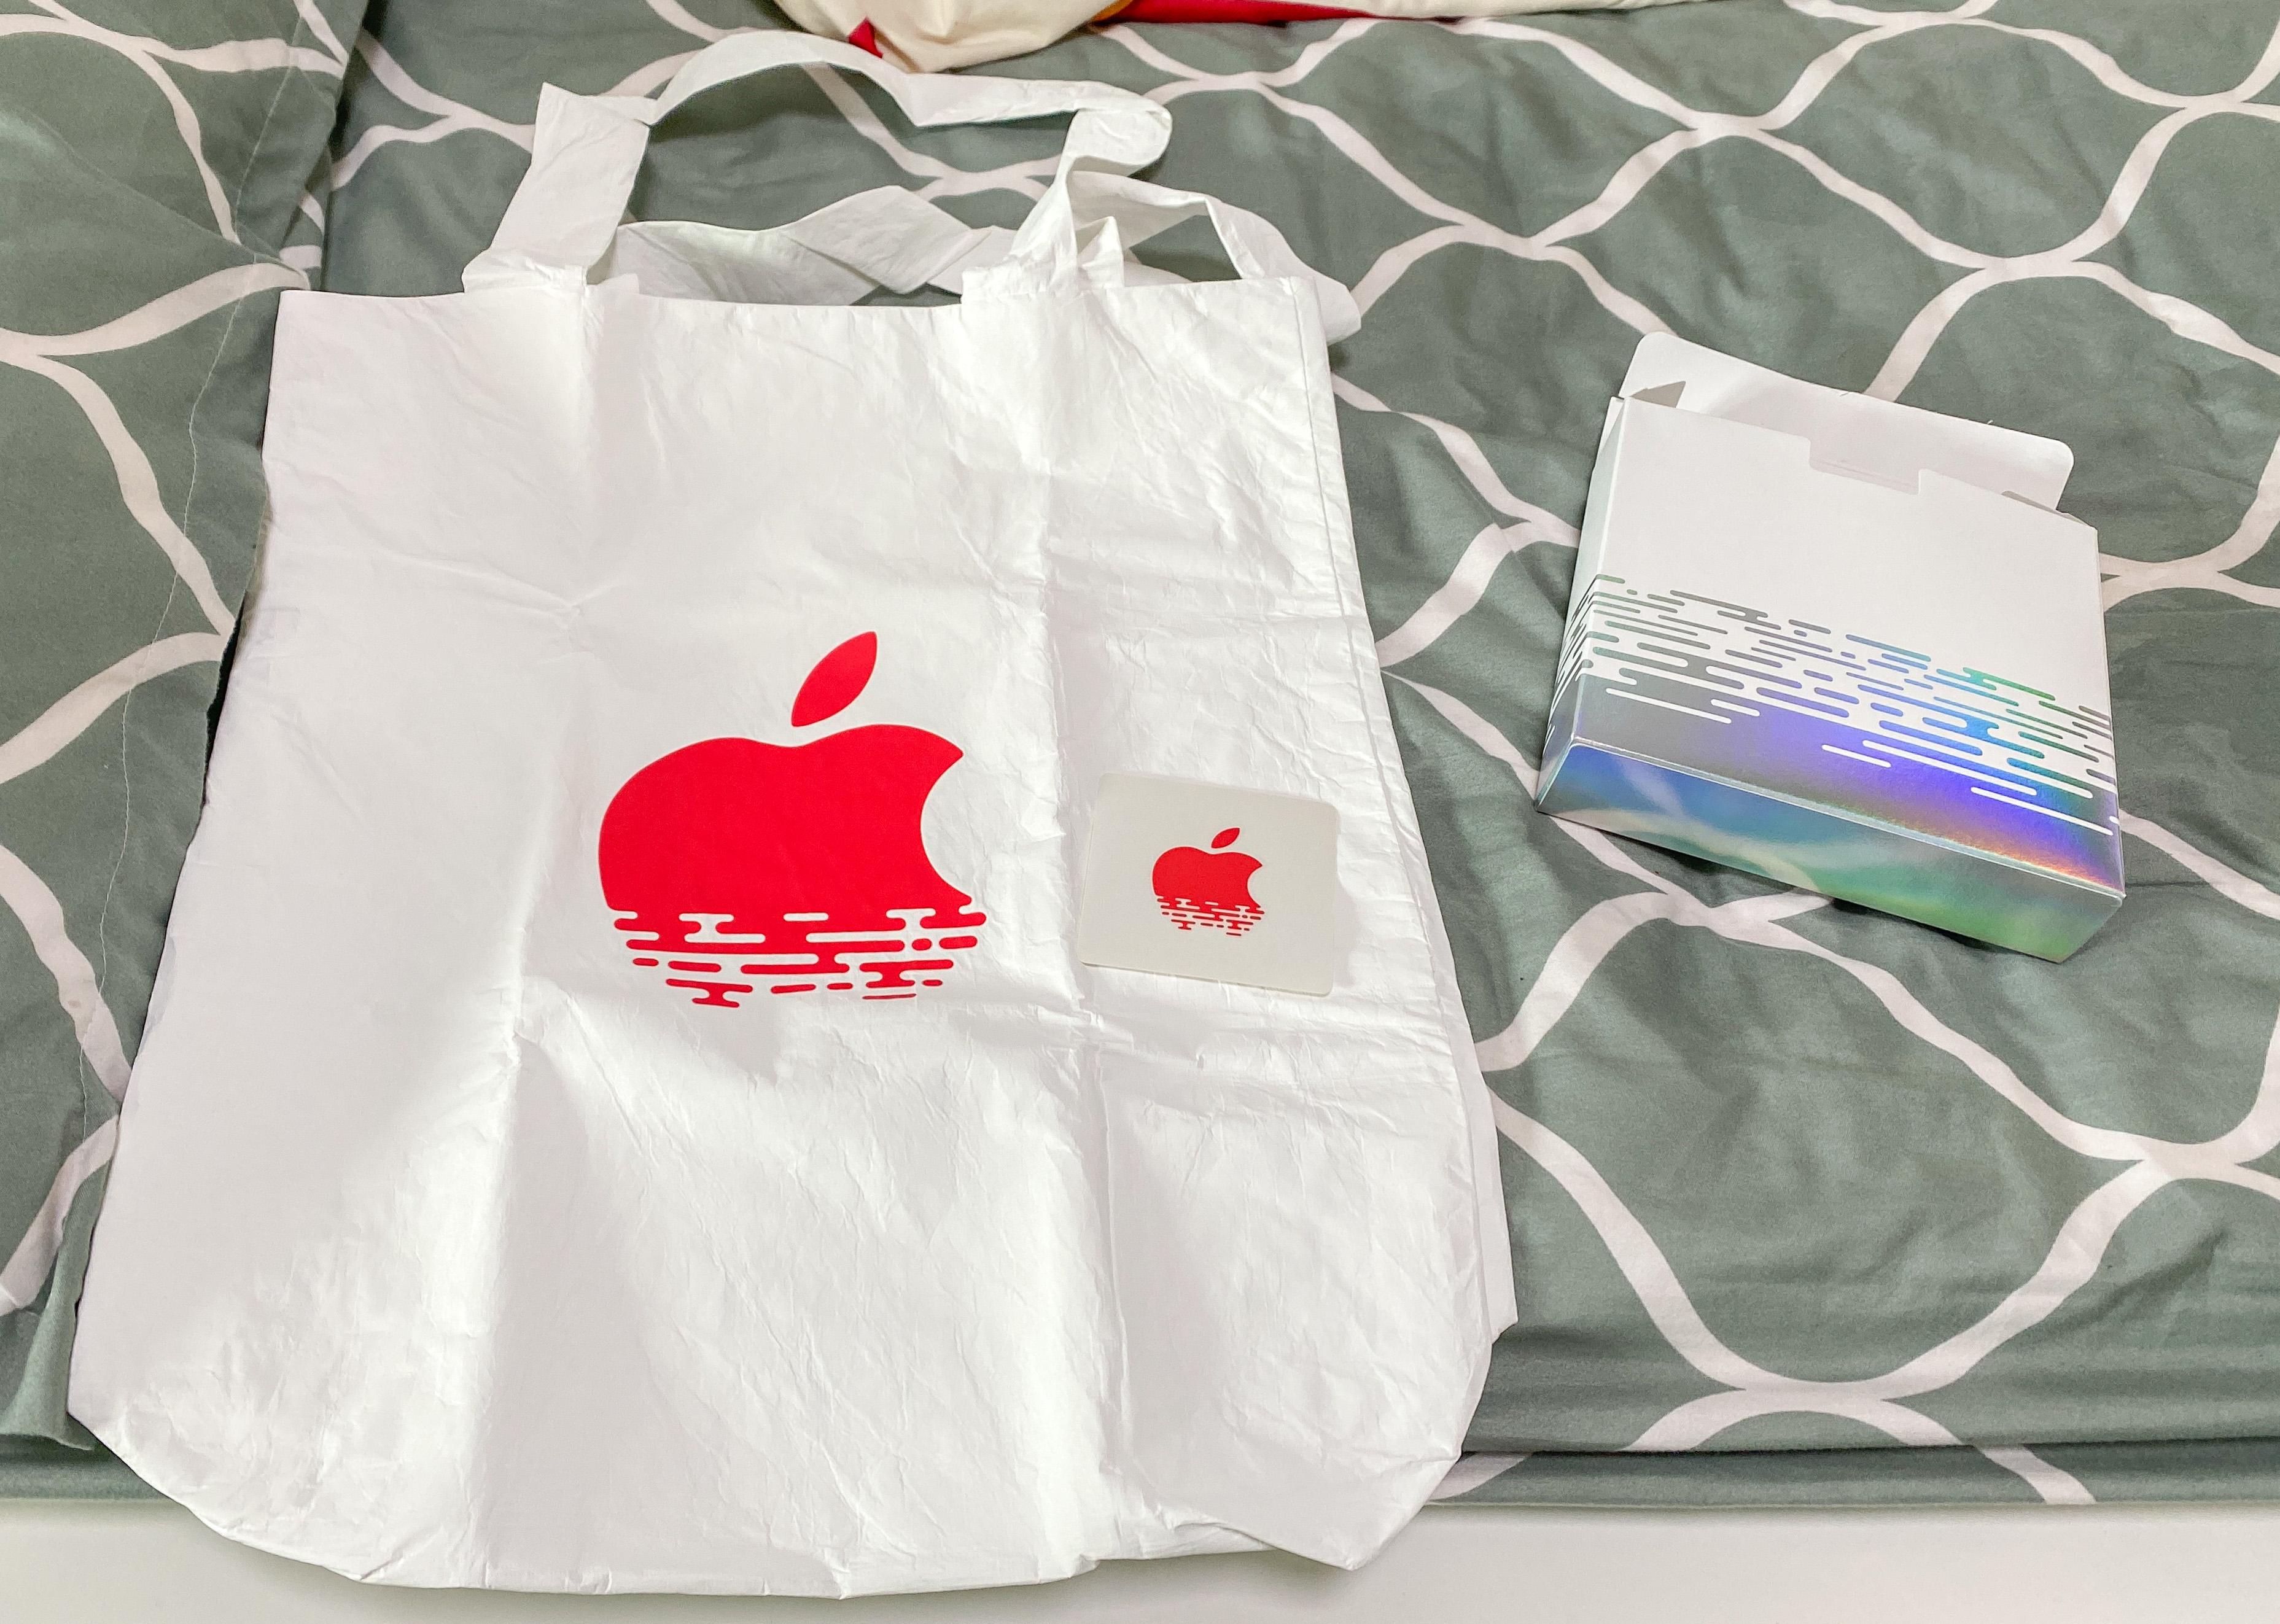 Apple mbs tote